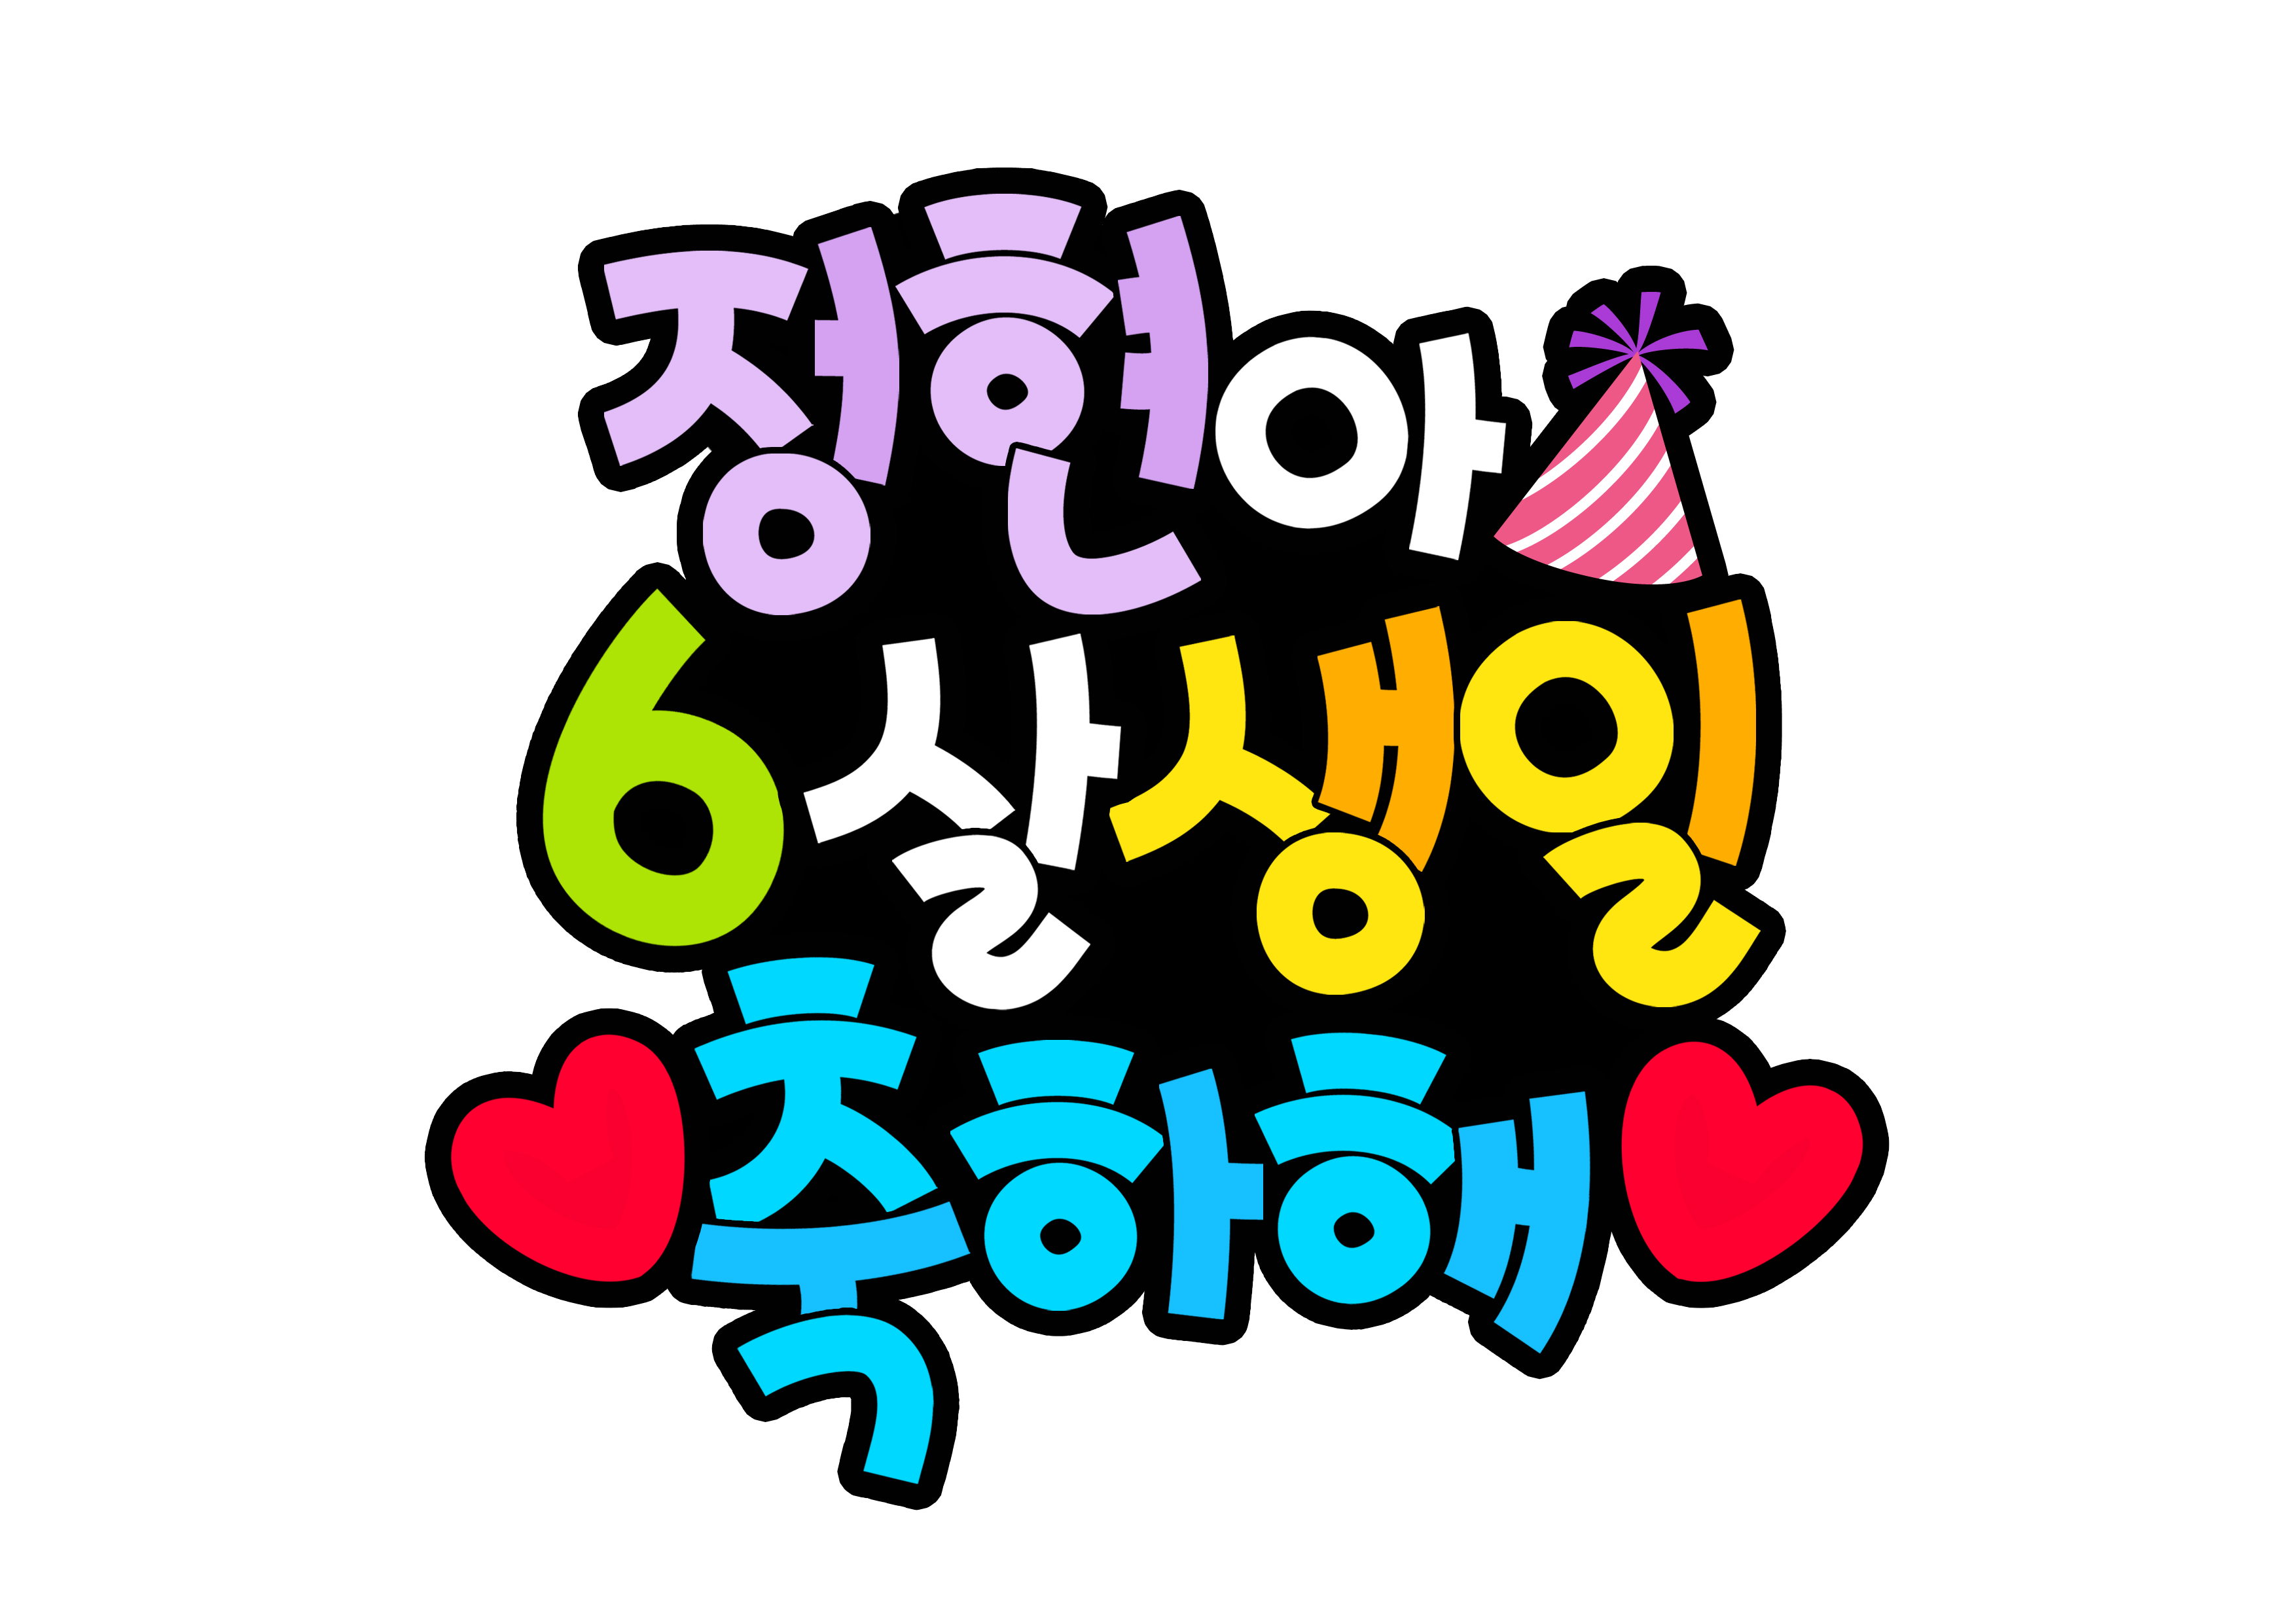 정현아 6살 생일 축하해